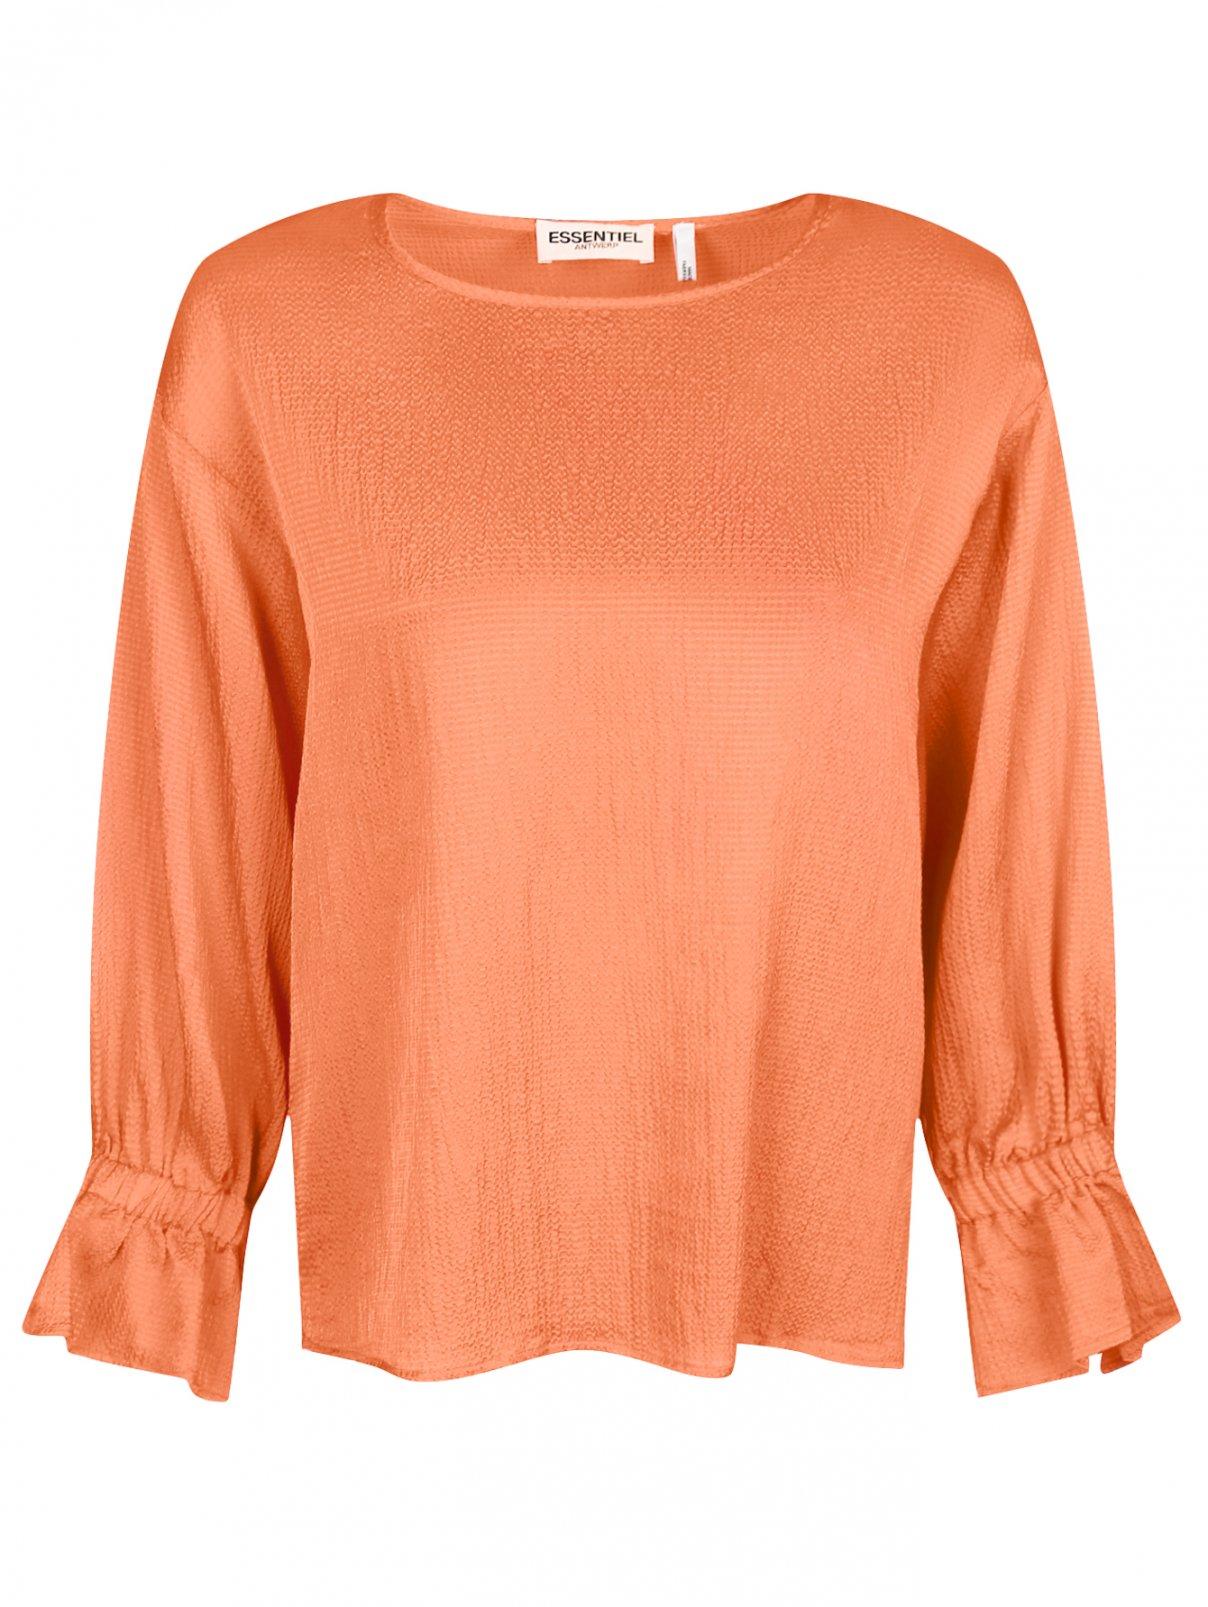 Блуза свободного кроя Essentiel Antwerp  –  Общий вид  – Цвет:  Оранжевый